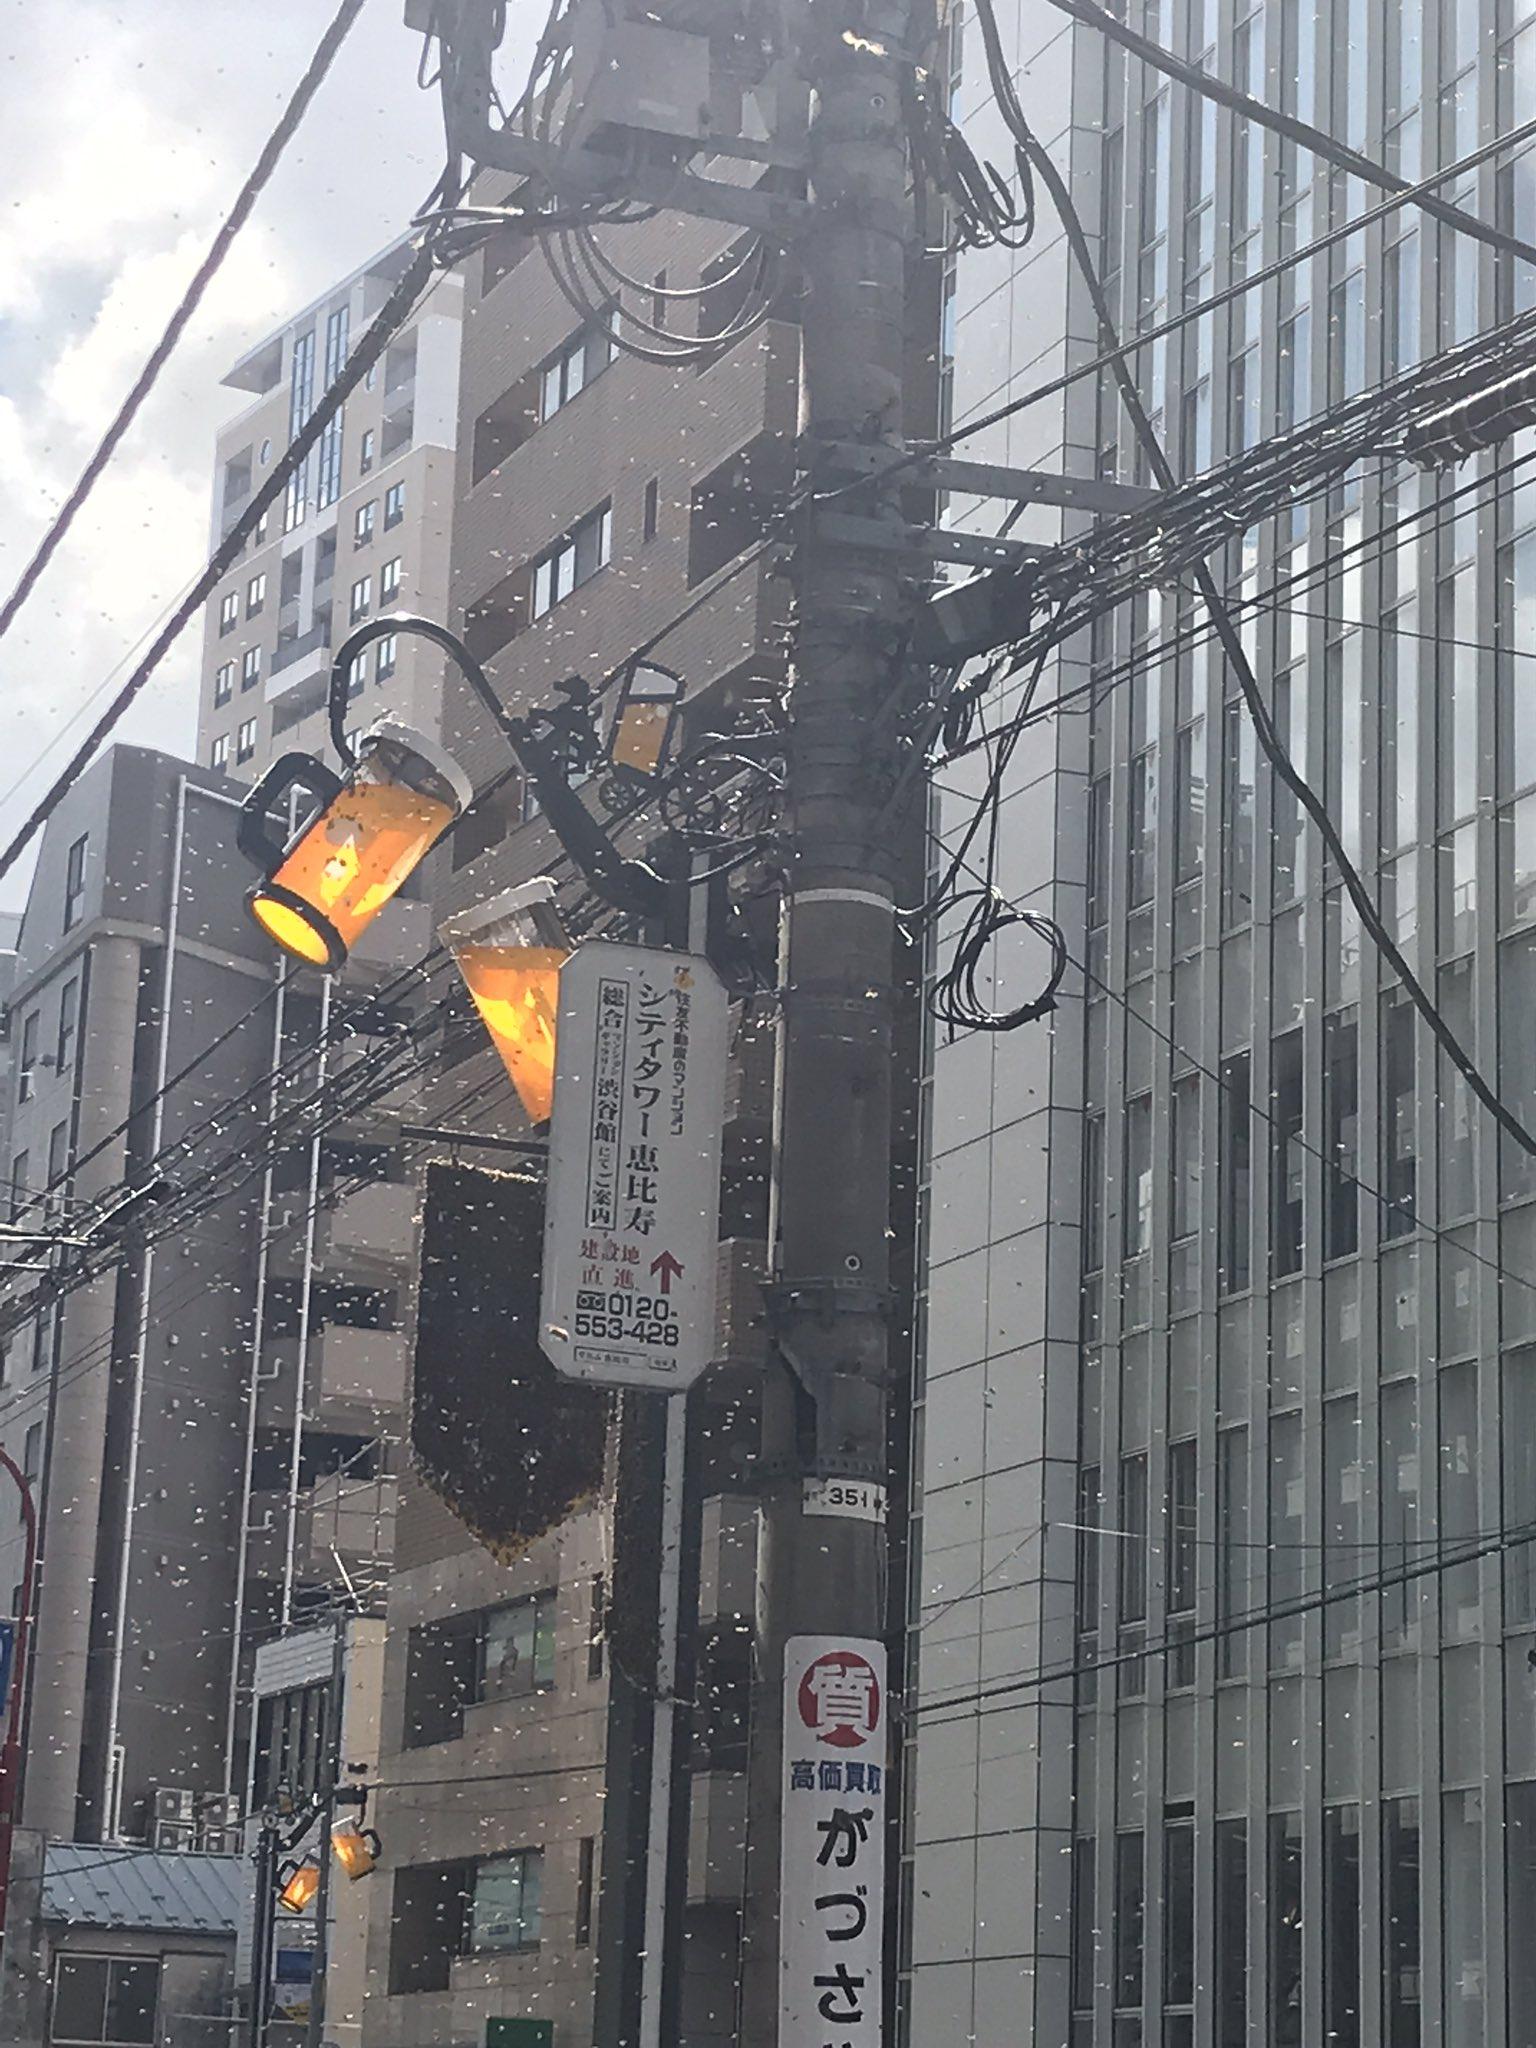 画像,@mesotokyo この蜂の大群、朝通勤の時通りかかったわ。この埃みたいなの全部ミツバチ。電柱にかかってる五角形の旗みたいなの黒いけどこれも全部ミツバチ。 h…